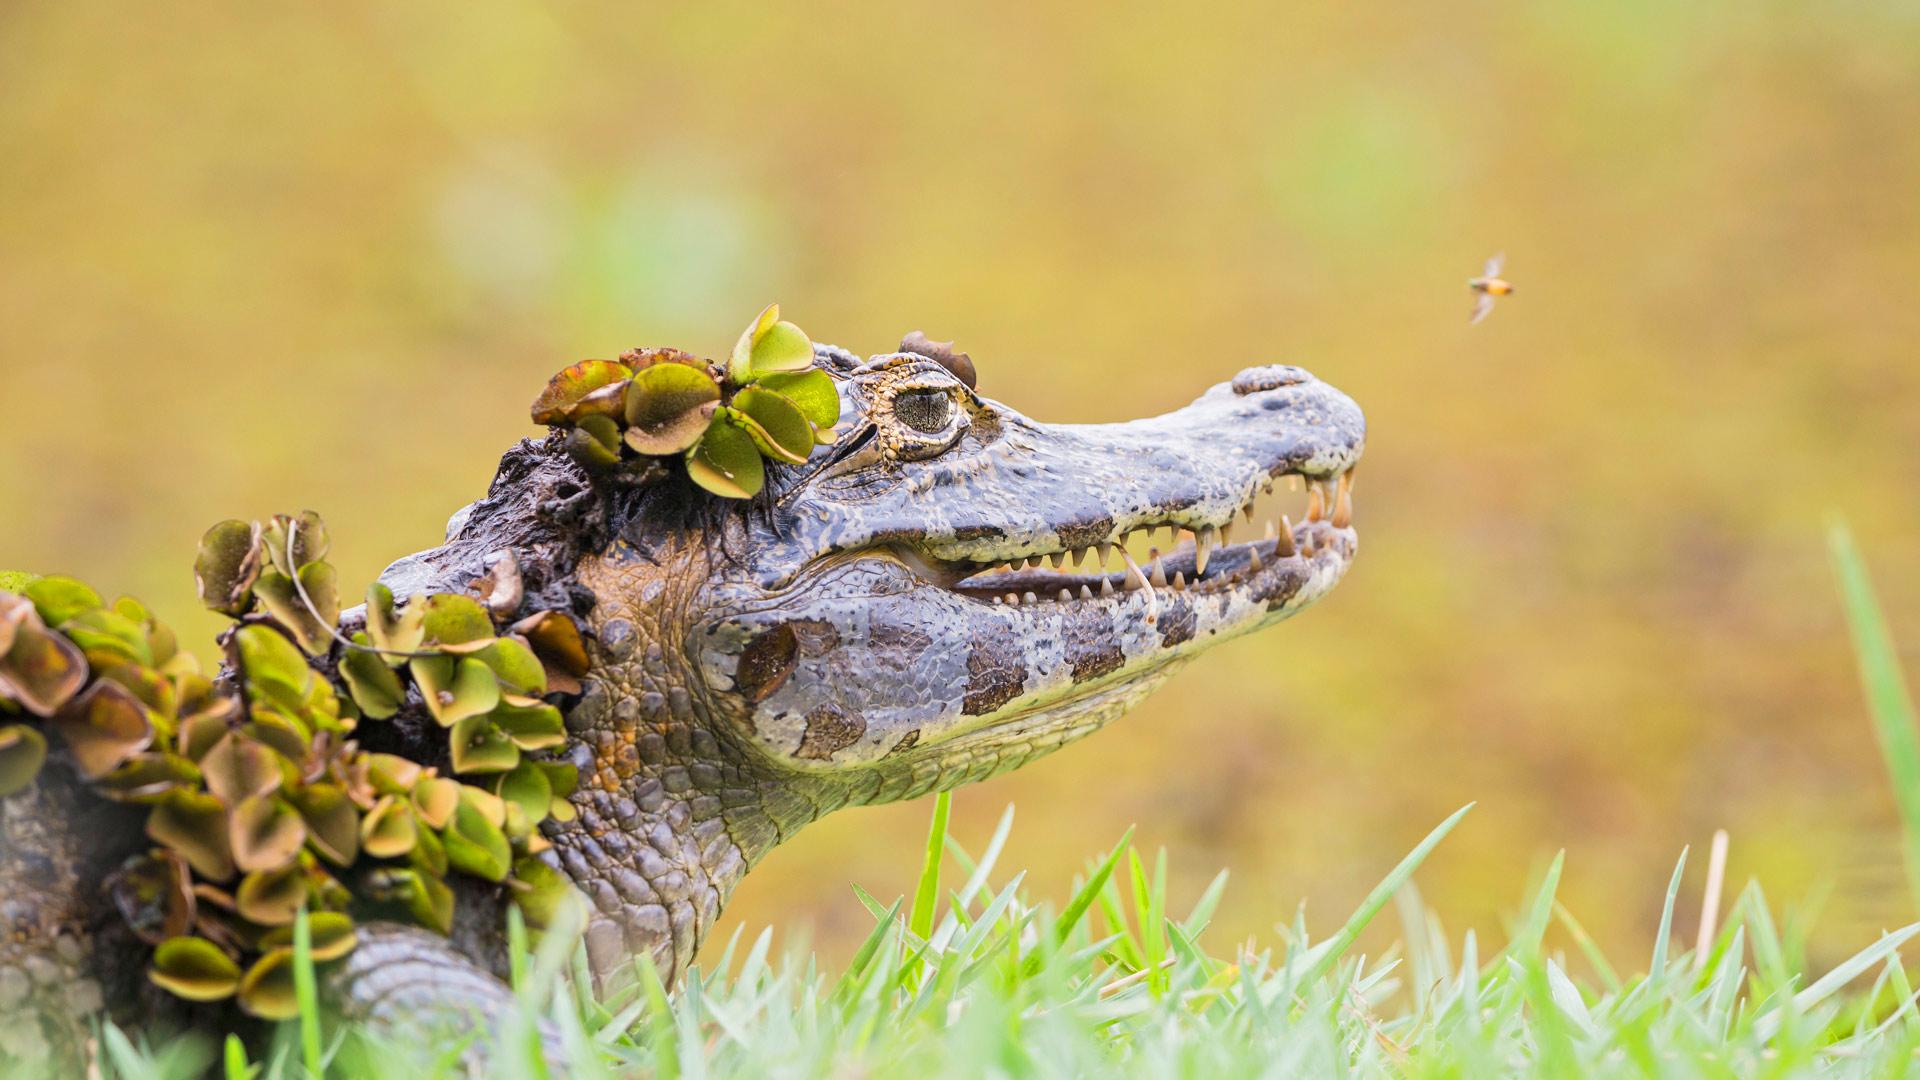 超级萌的可爱动物背景图片哟,萌萌哒可爱动物看了很想捏一把呀,如此